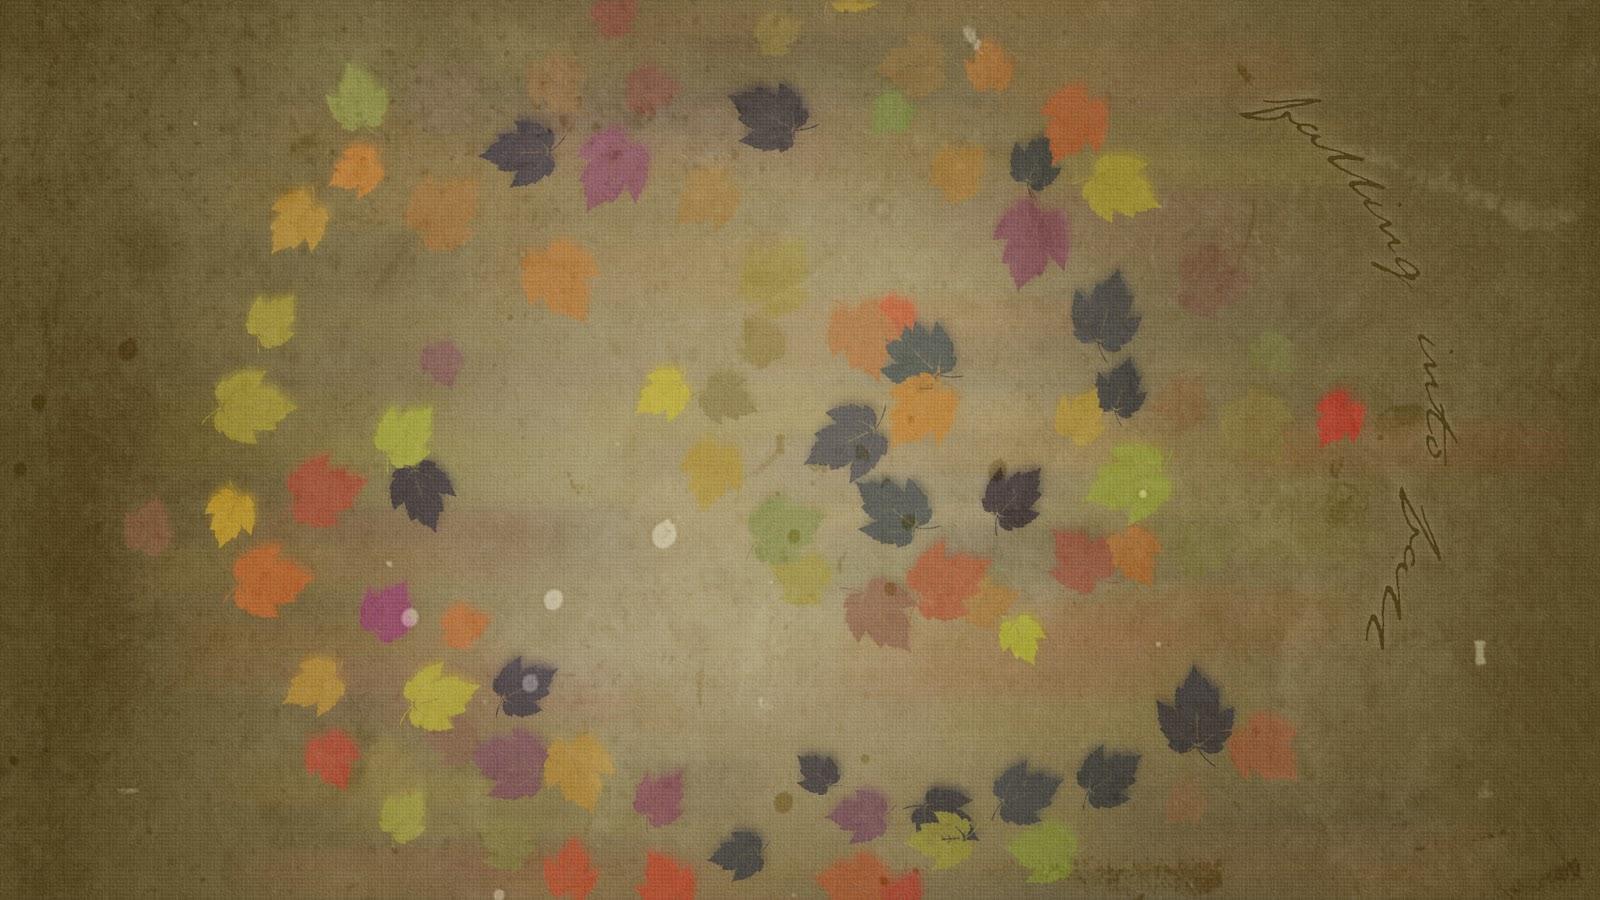 Wallpaper Fall Pumpkin Desktop Wallpaper Cute Fall Wallpaper 1600x900